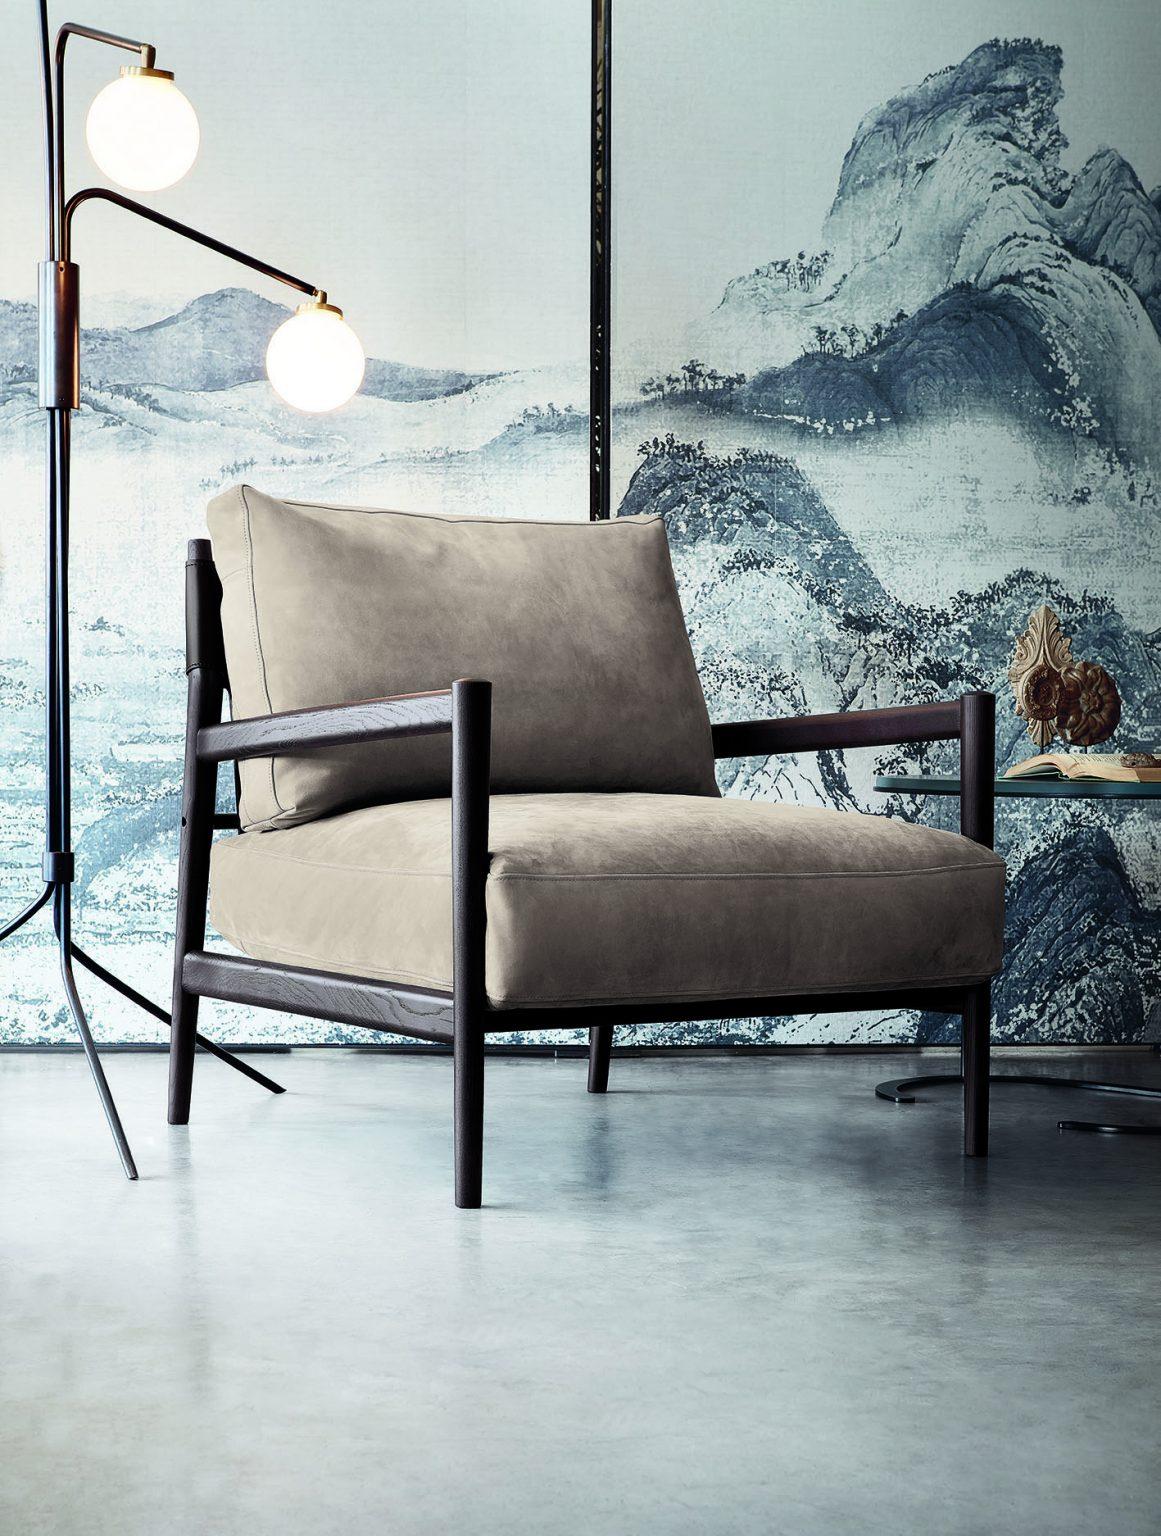 Biennale Interieur - Belgium's leading design and interior event - Lema-maddix-dainelli-studio-1.jpg